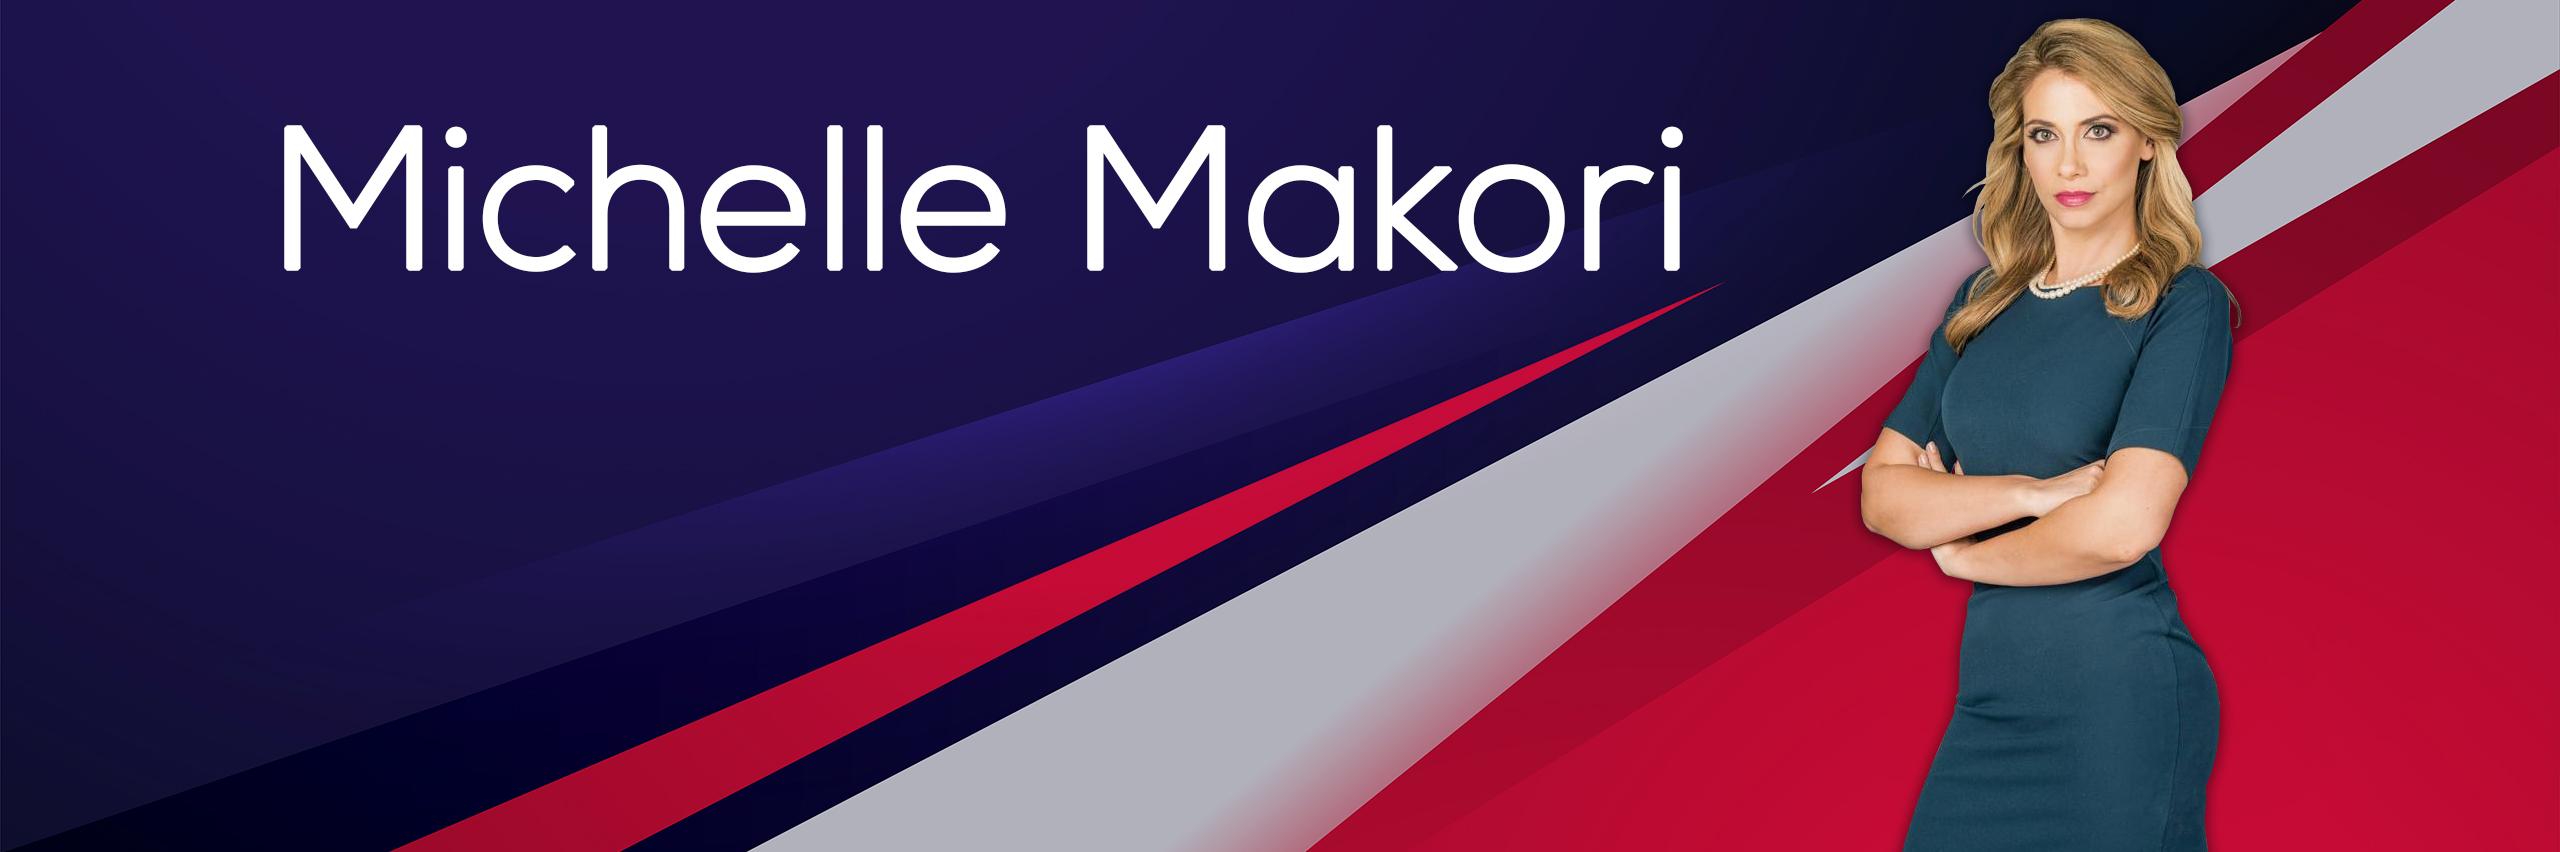 MichelleMakori-header2